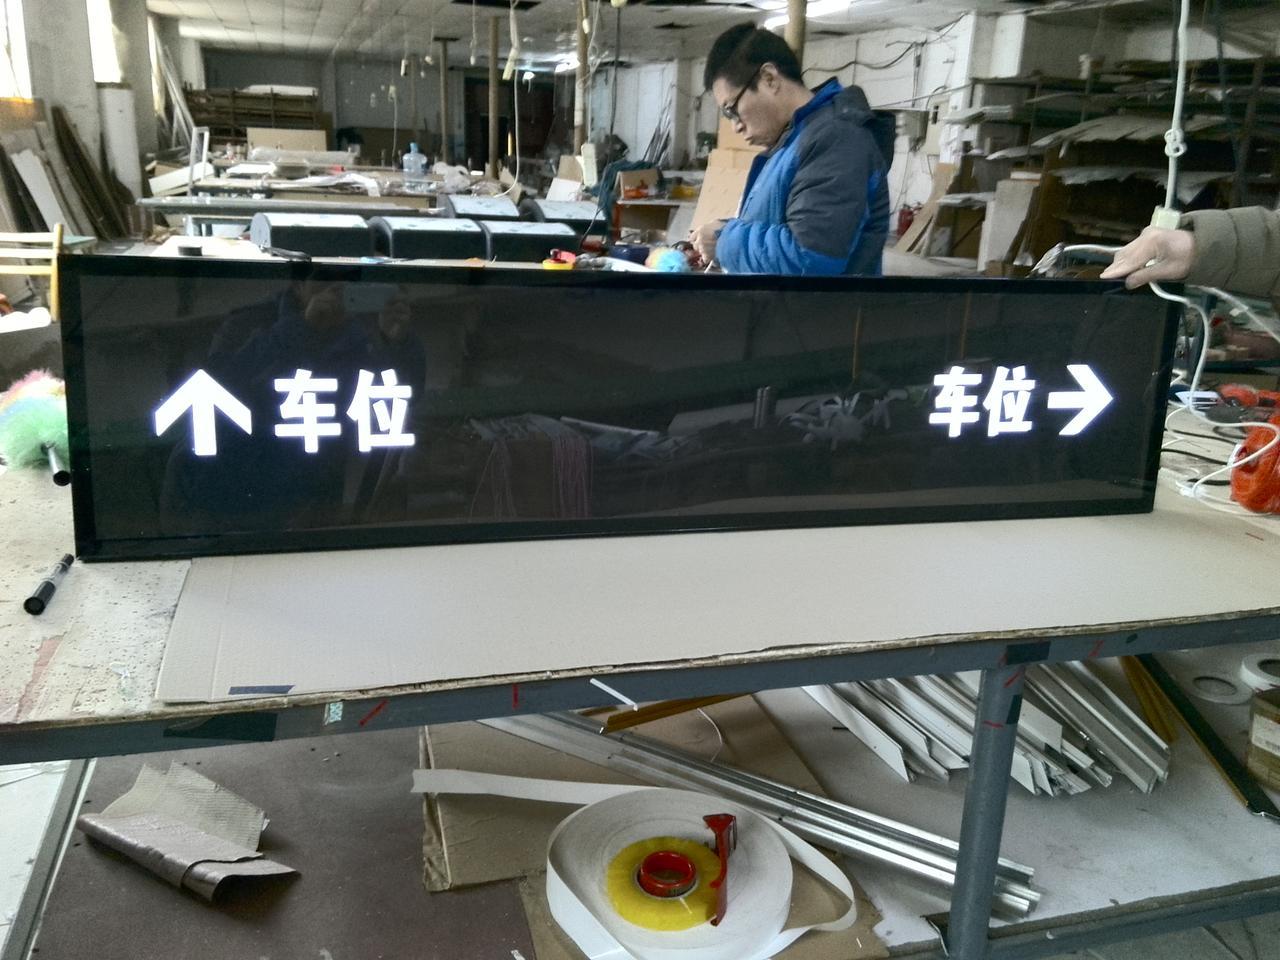 吸盘灯箱-超薄磁吸灯箱设计制作厂家